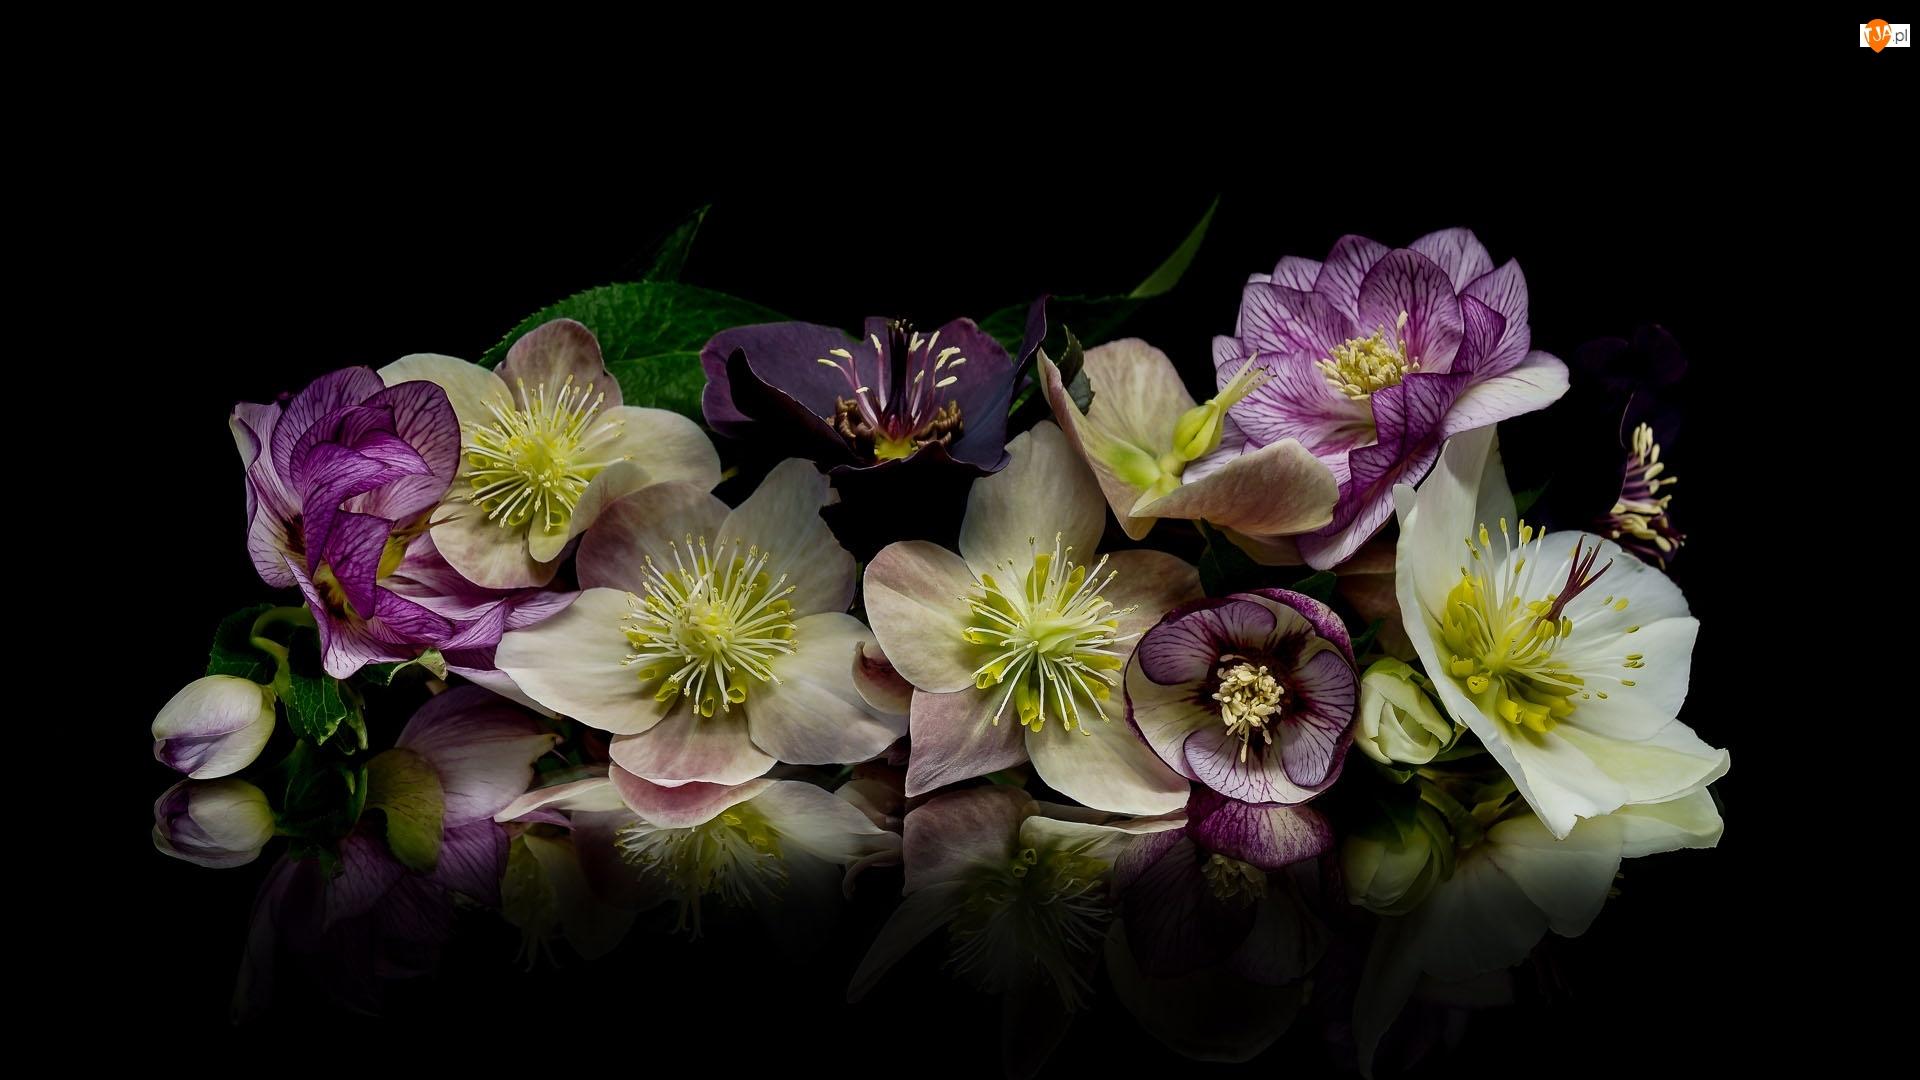 Kwiaty, Kompozycja, Ciemiernik, Tło, Zawilec, Czarne